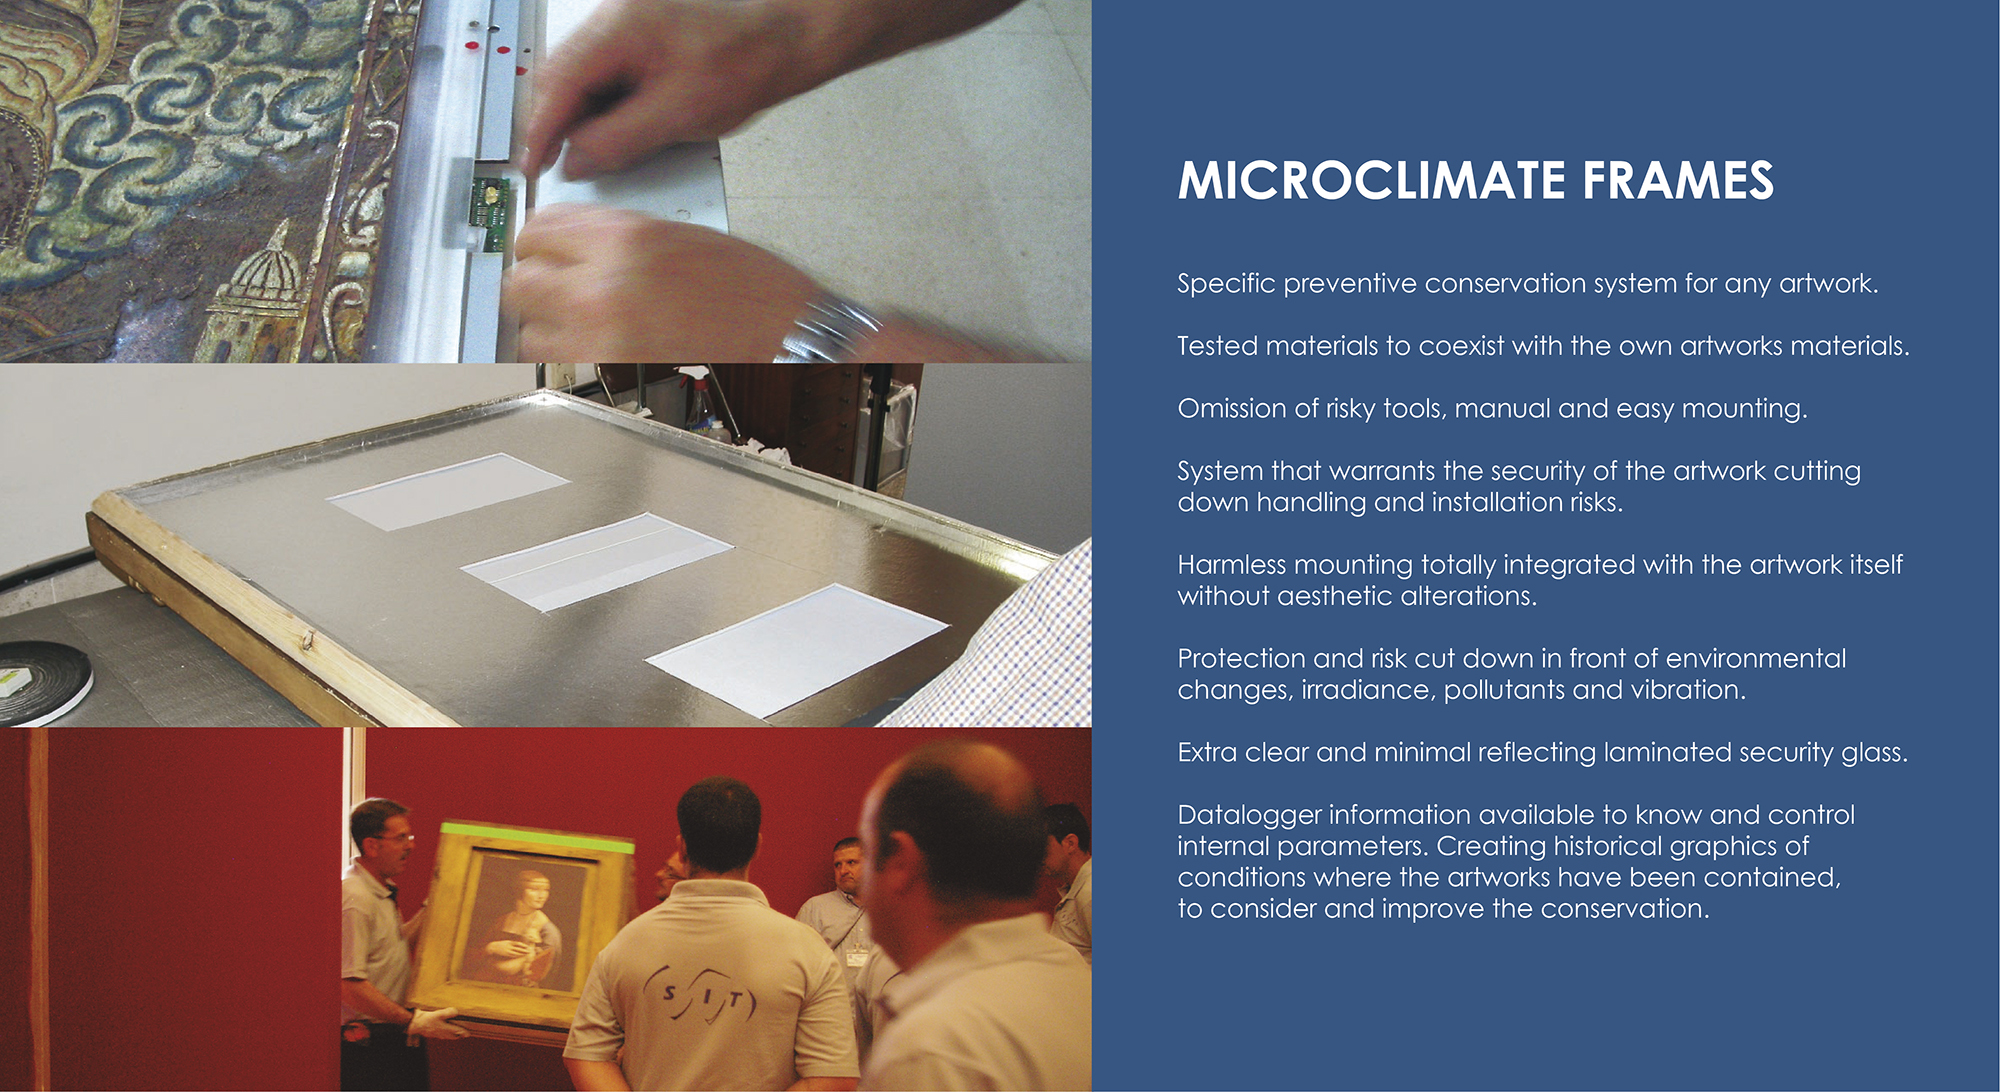 MARCOS MICROCLIMÁTICOS, 44º ENCUENTRO ANUAL DEL INSTITUTO AMERICANO DE CONSERVACIÓN